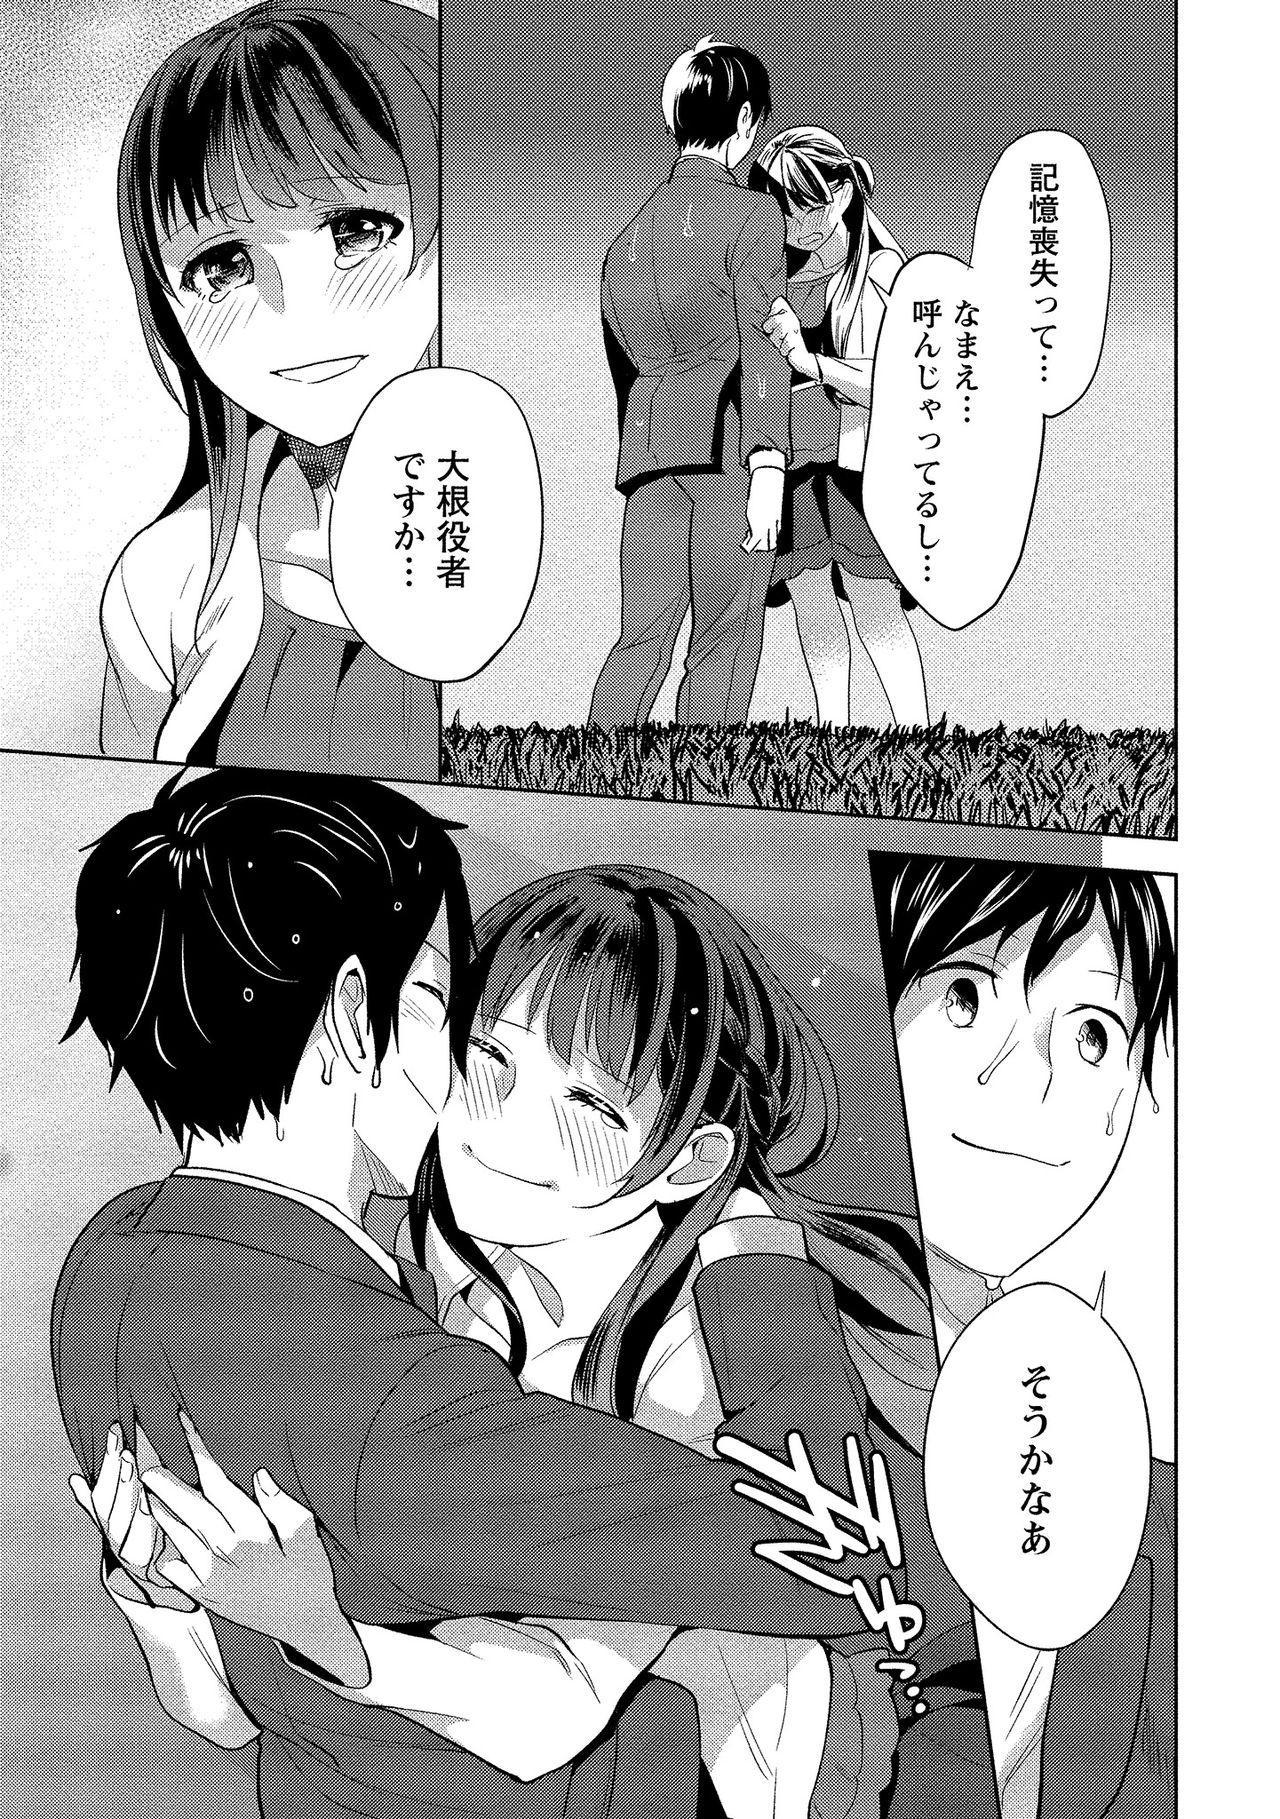 Dorobou Neko wa Kanojo no Hajimari 213